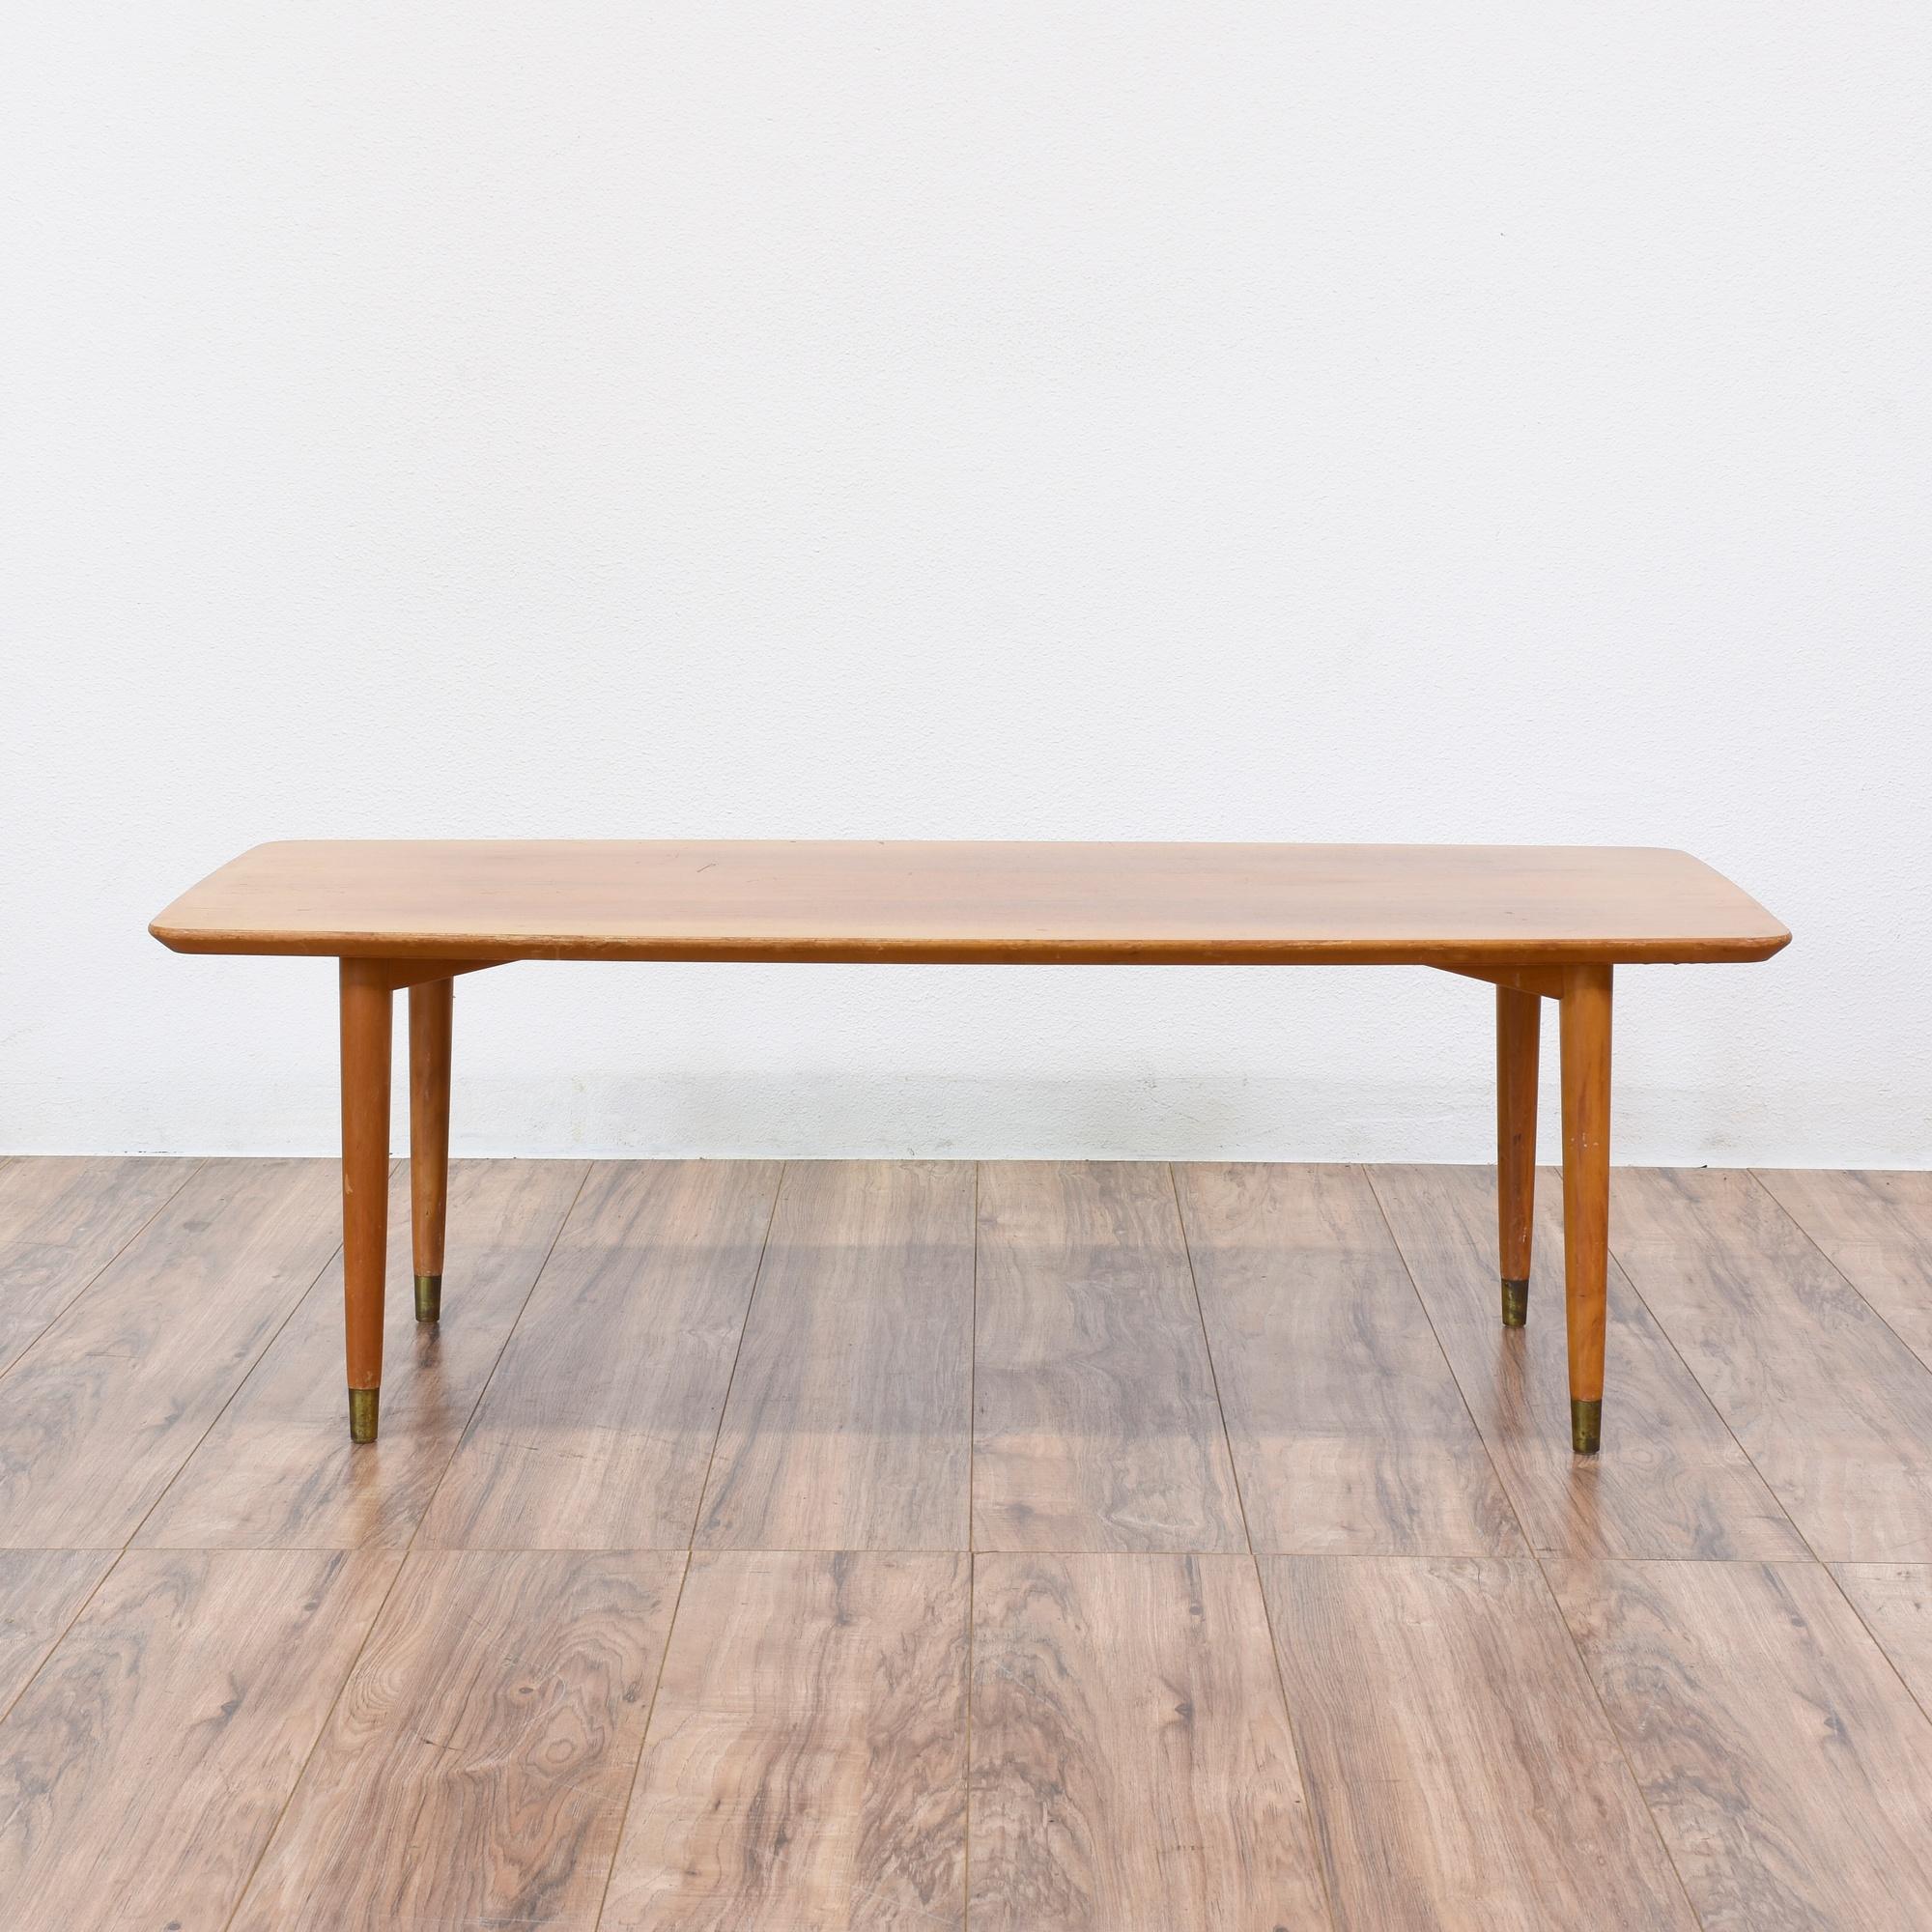 Light Wood Mid Century Modern Coffee Table | Loveseat Vintage Furniture San Diego & Los Angeles